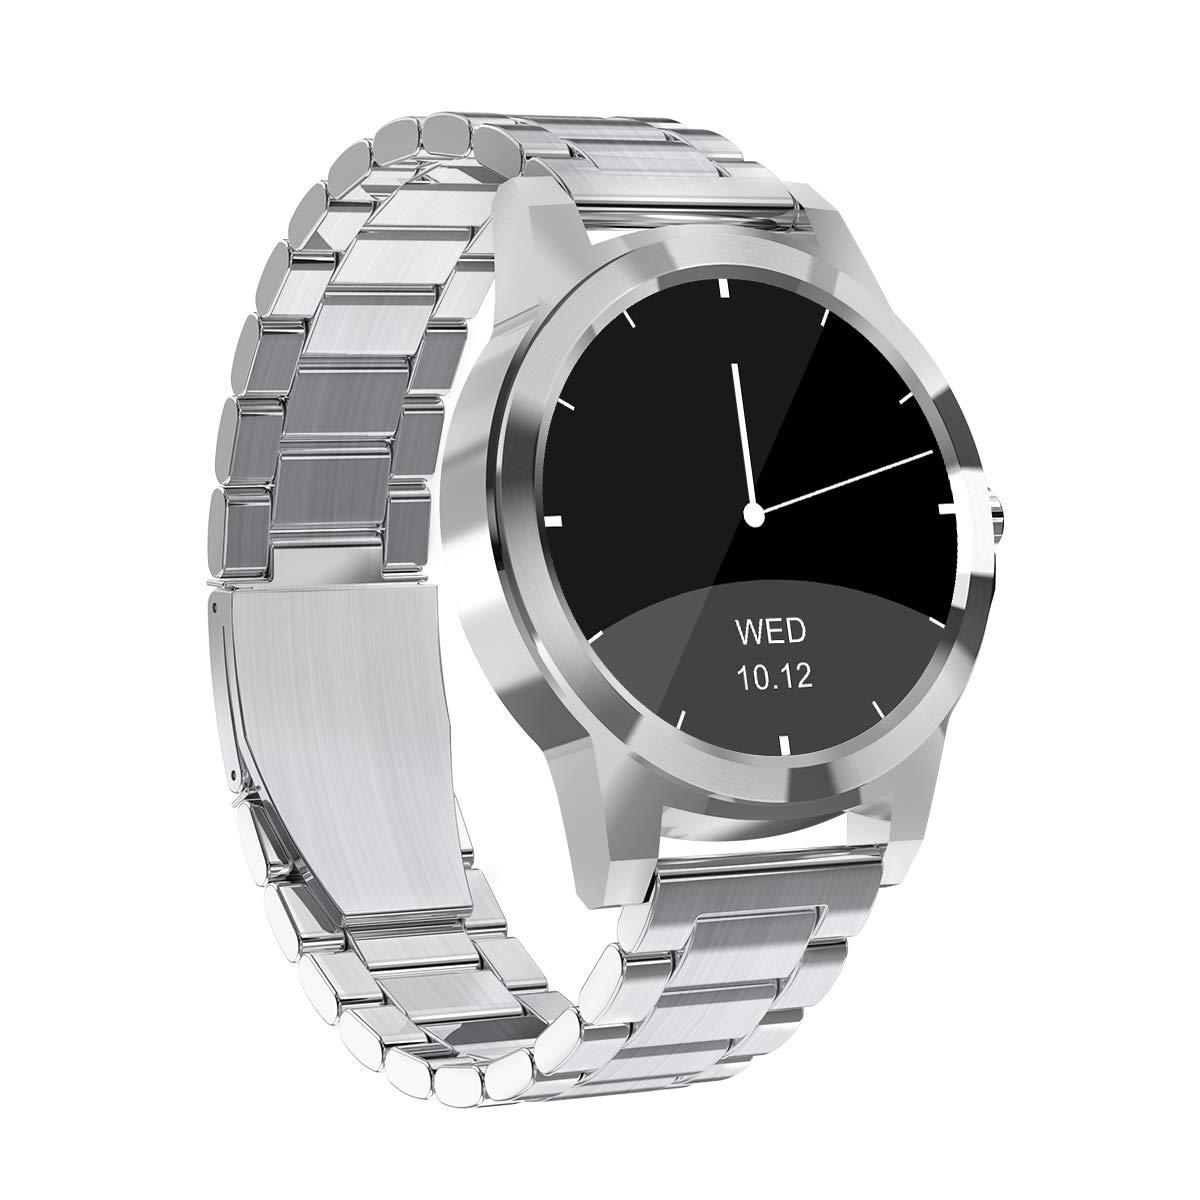 Amazon.com: Diggro DI03 Smart Watch IP67 Waterproof MTK2502C ...